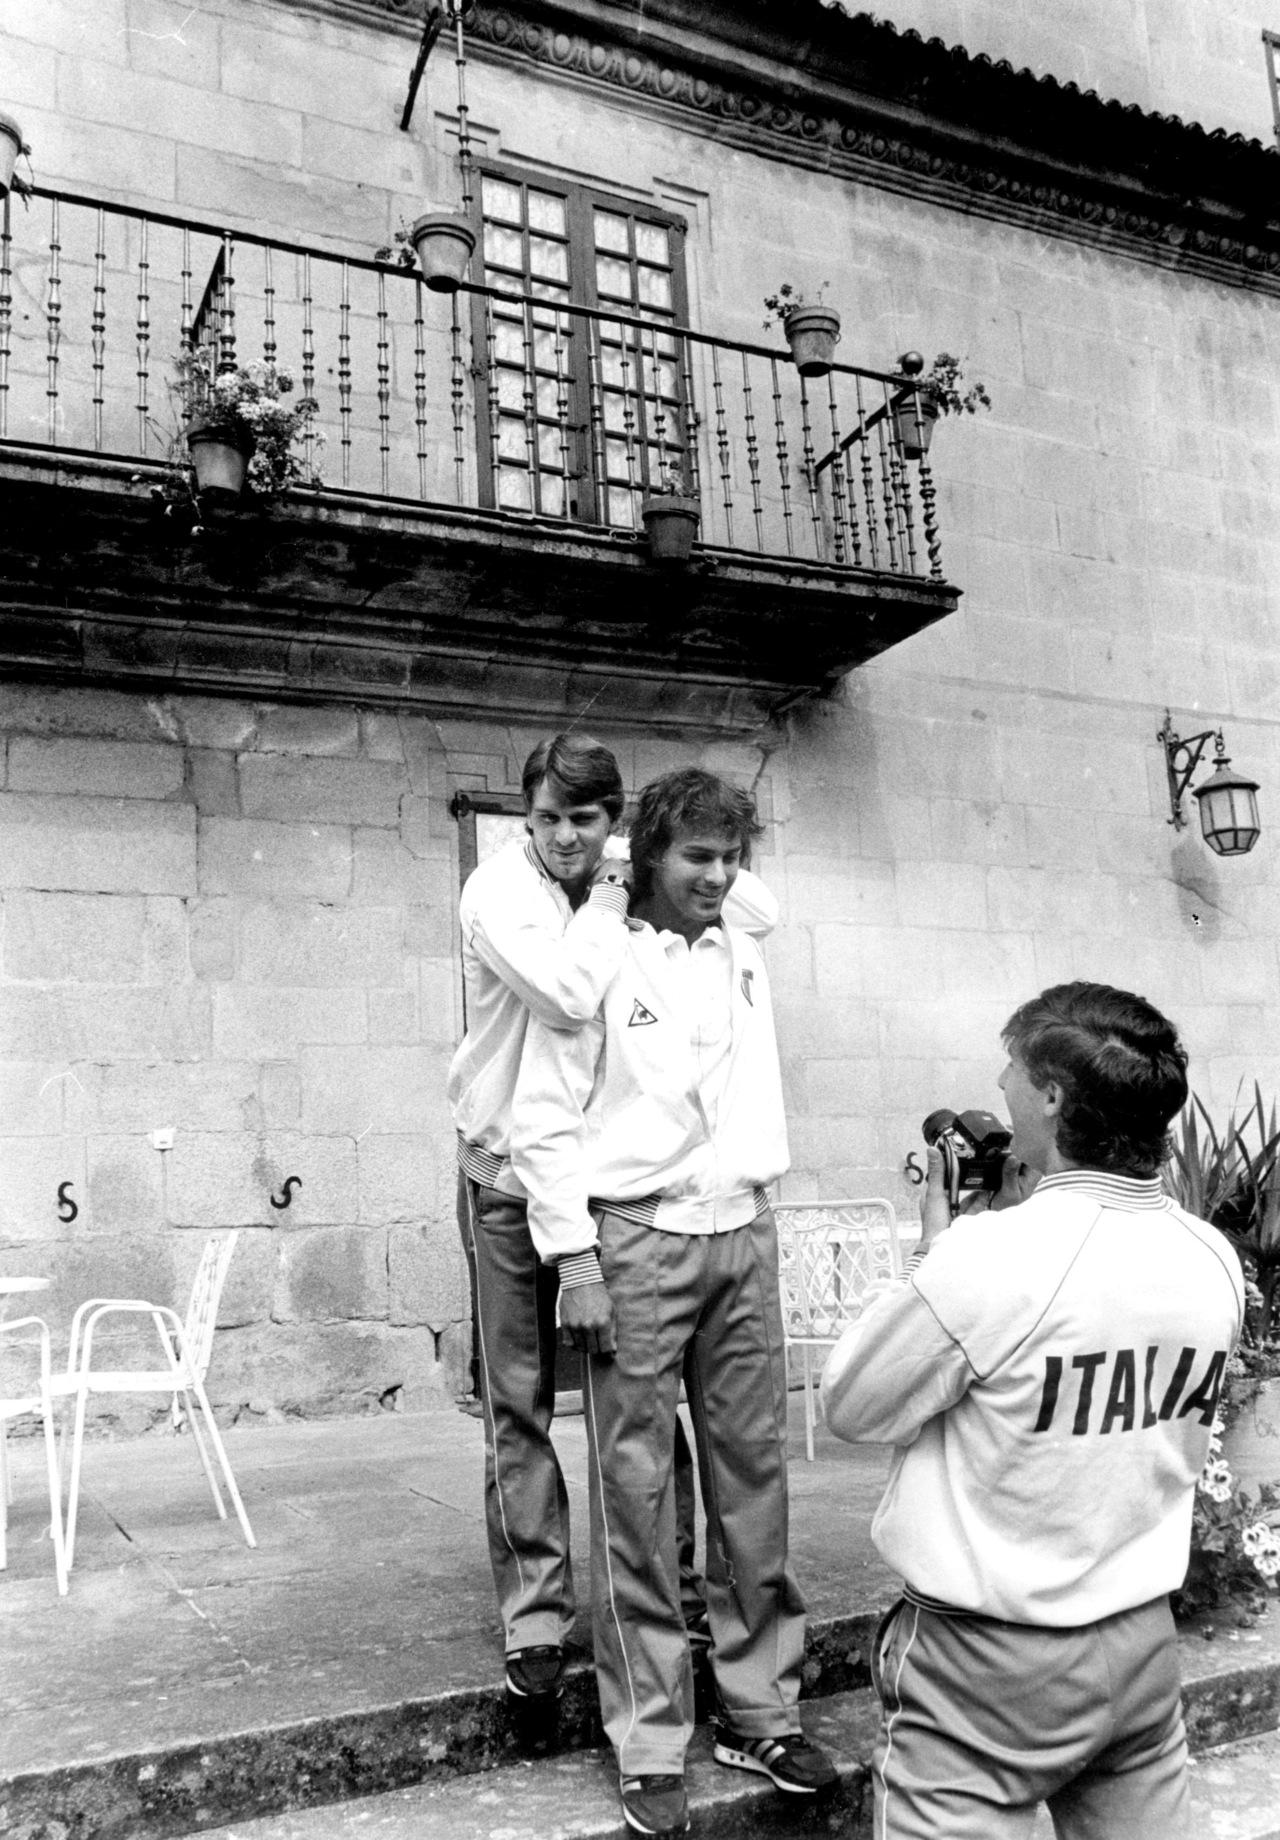 Daniele Massaro Marco Tardelli and Antonio Cabrini – Forza27